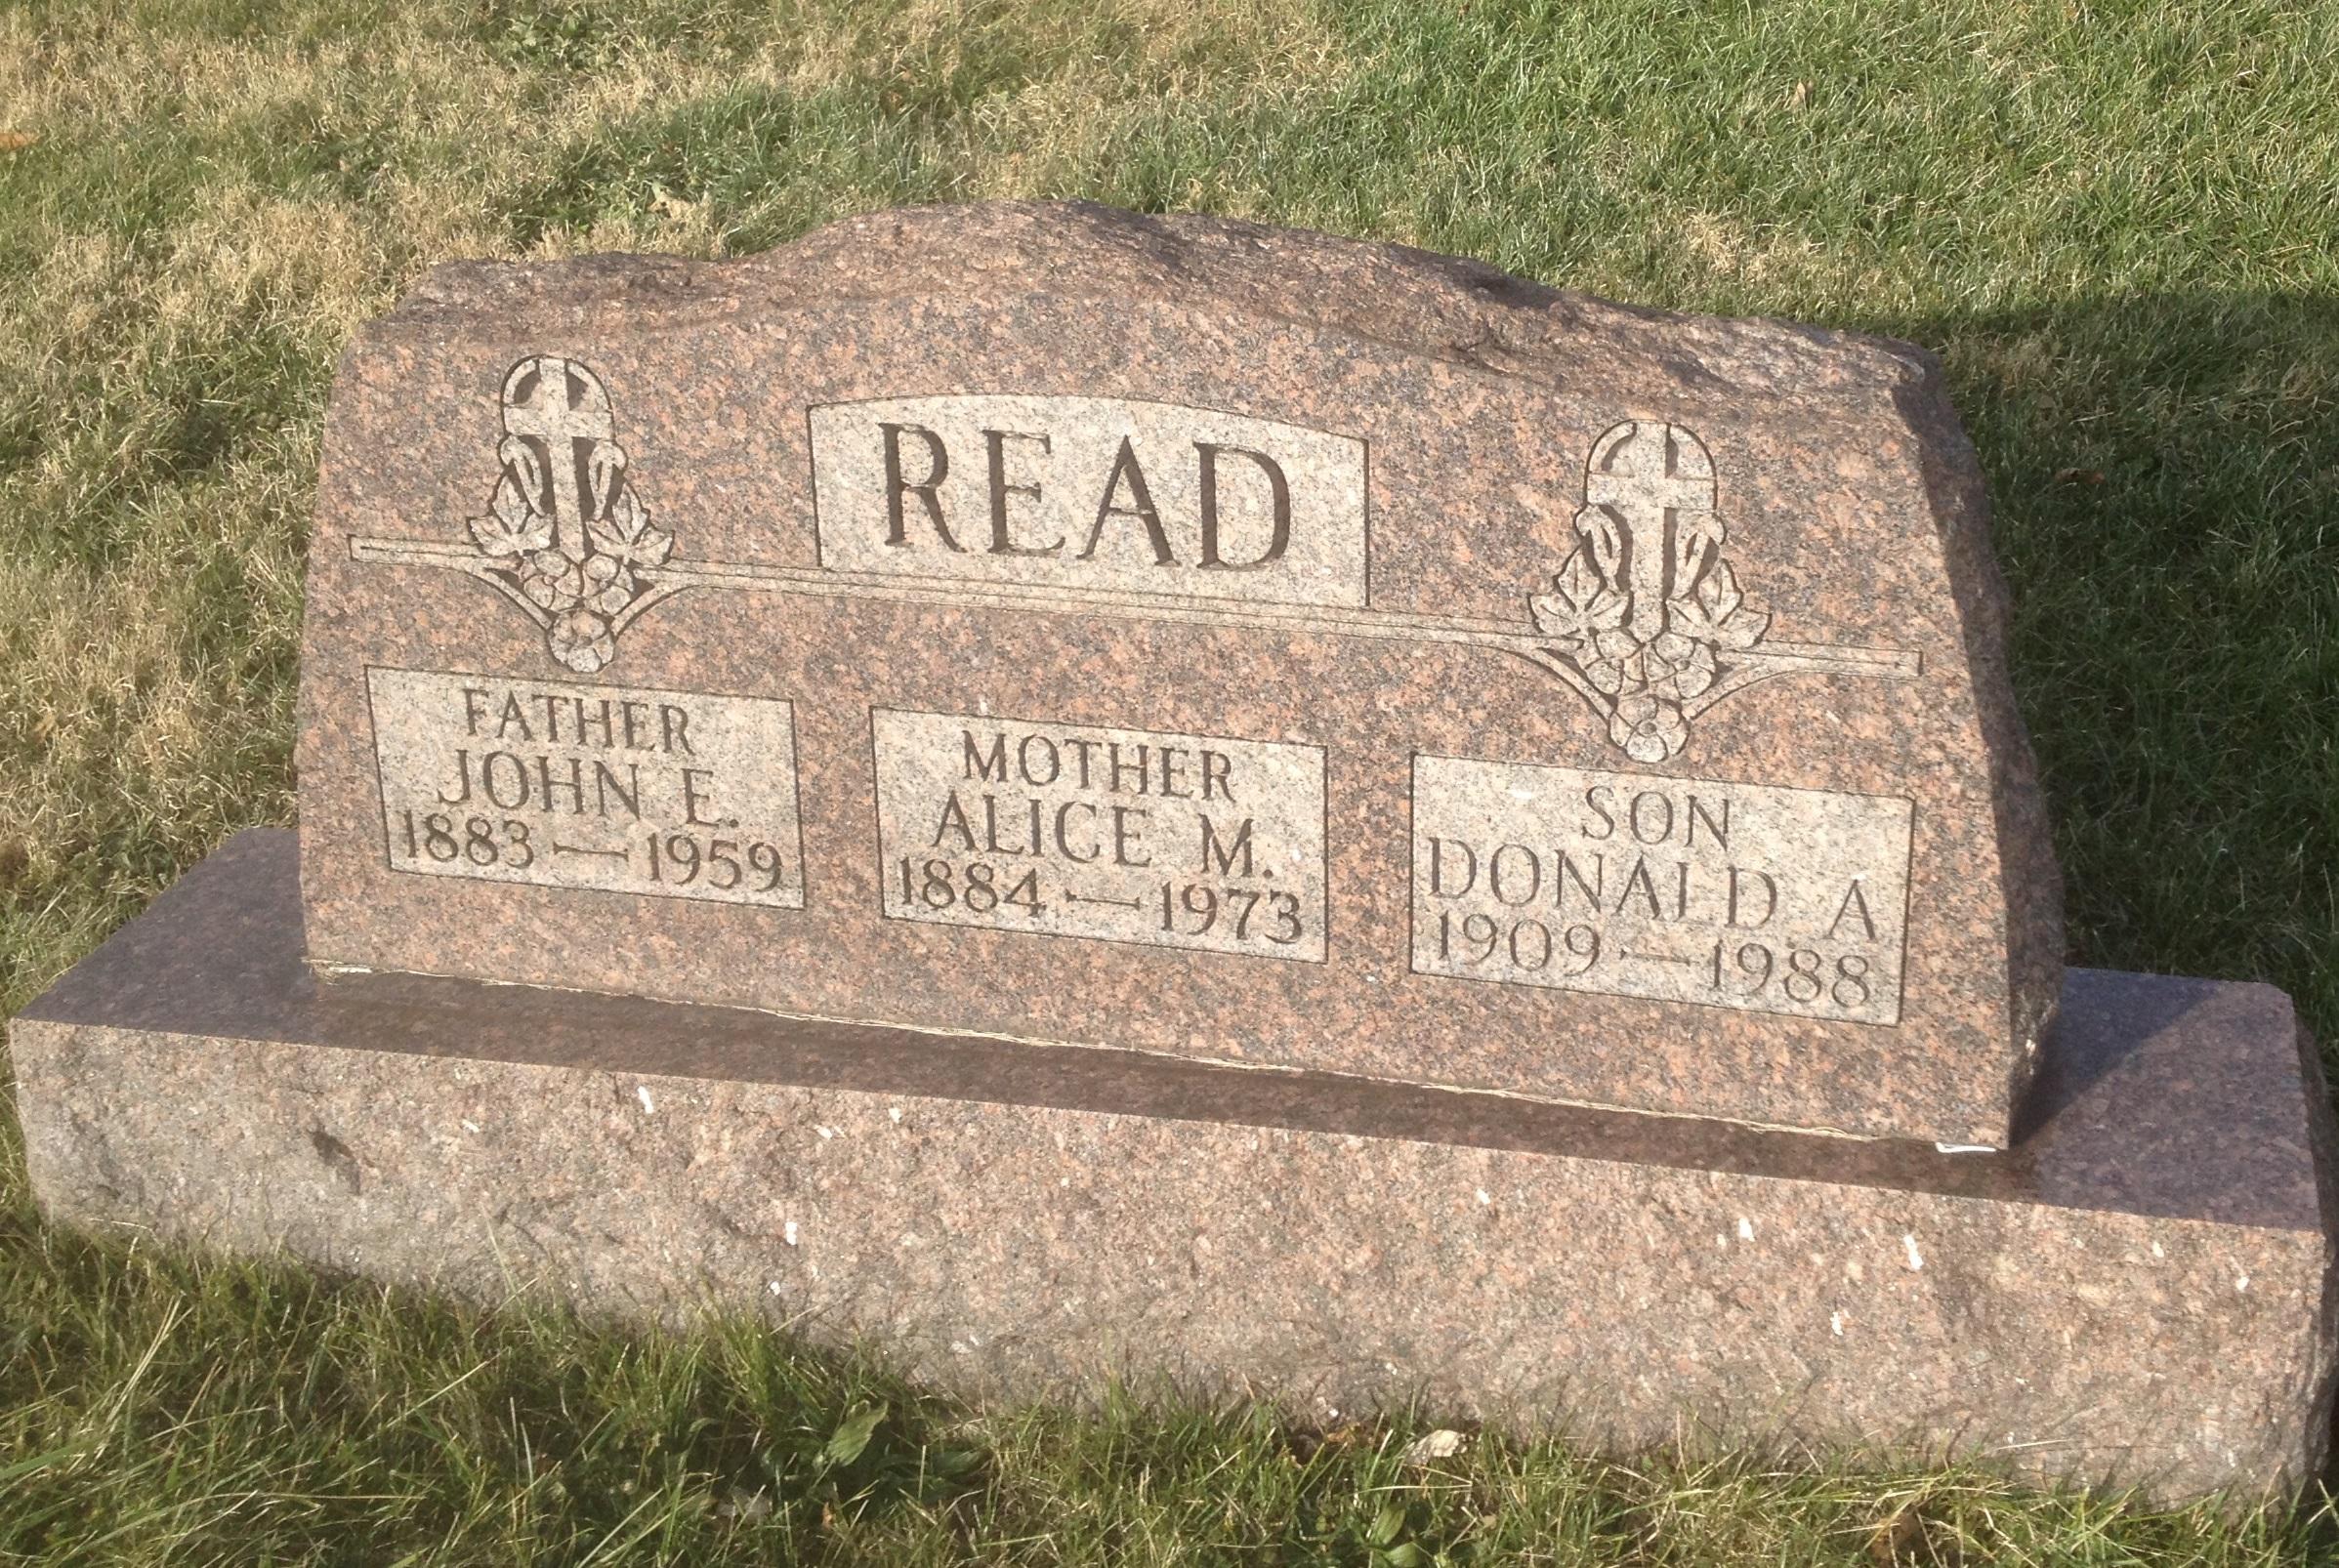 John Edward Read